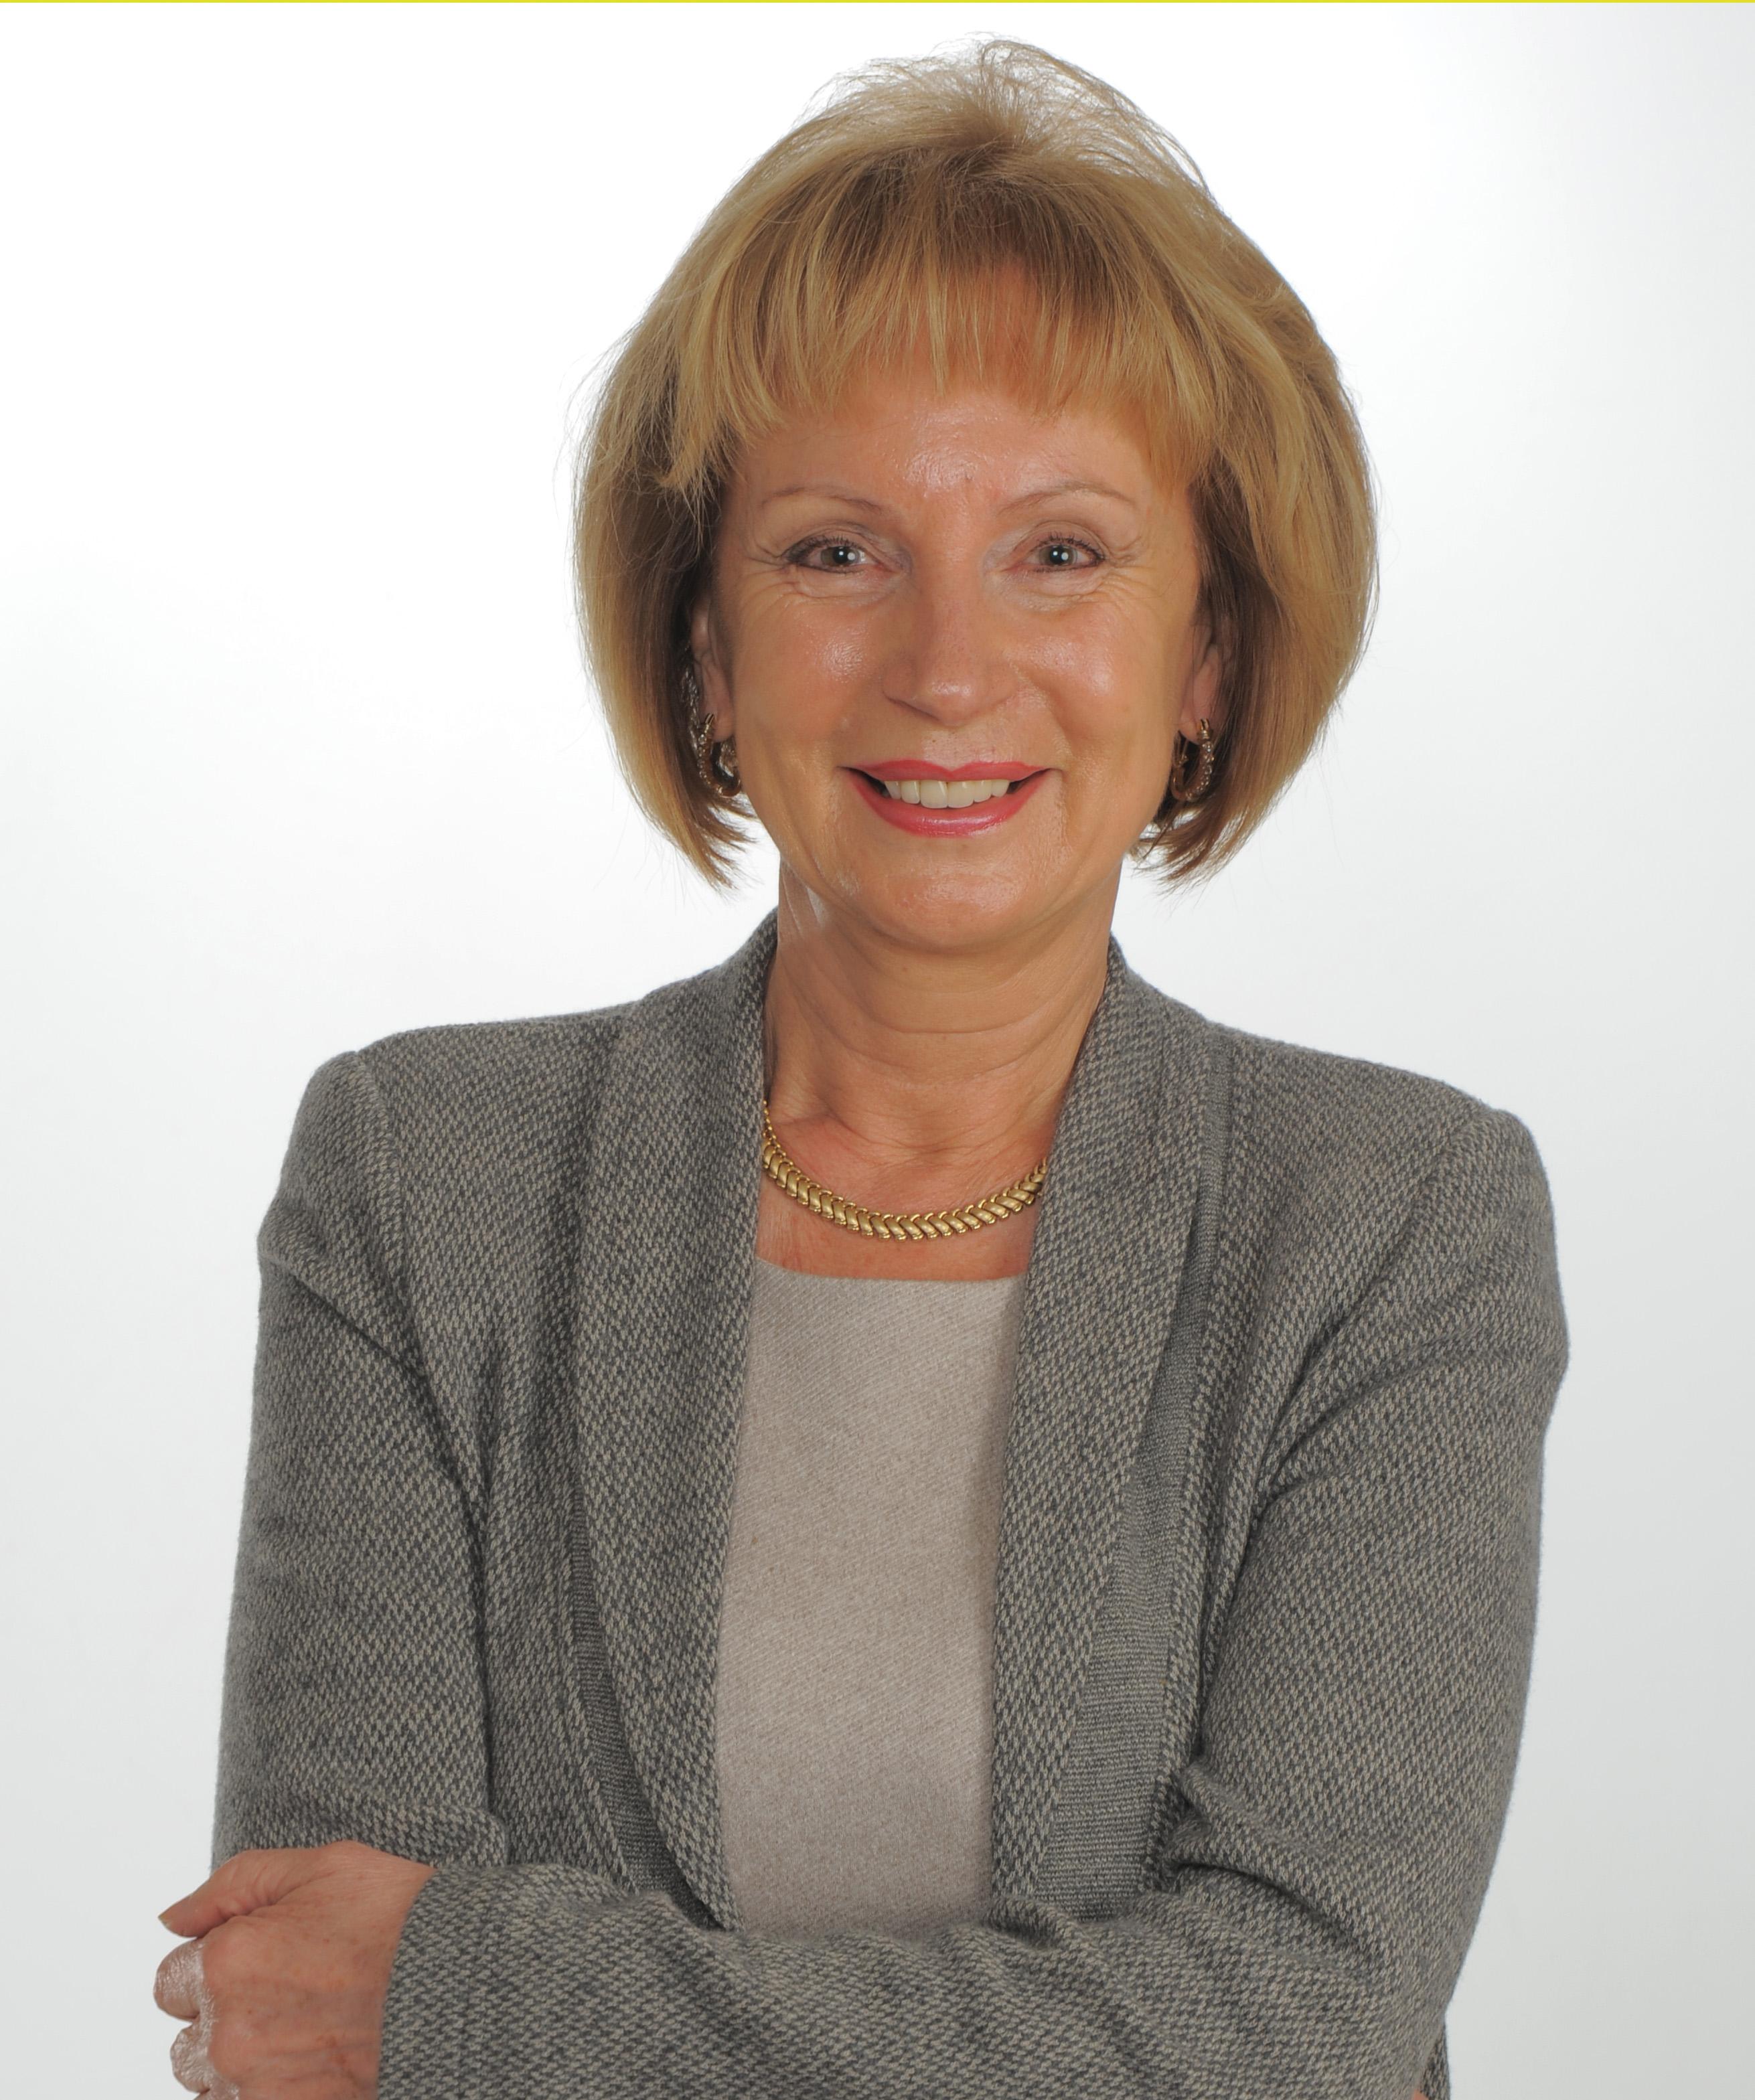 Christine Cowheard